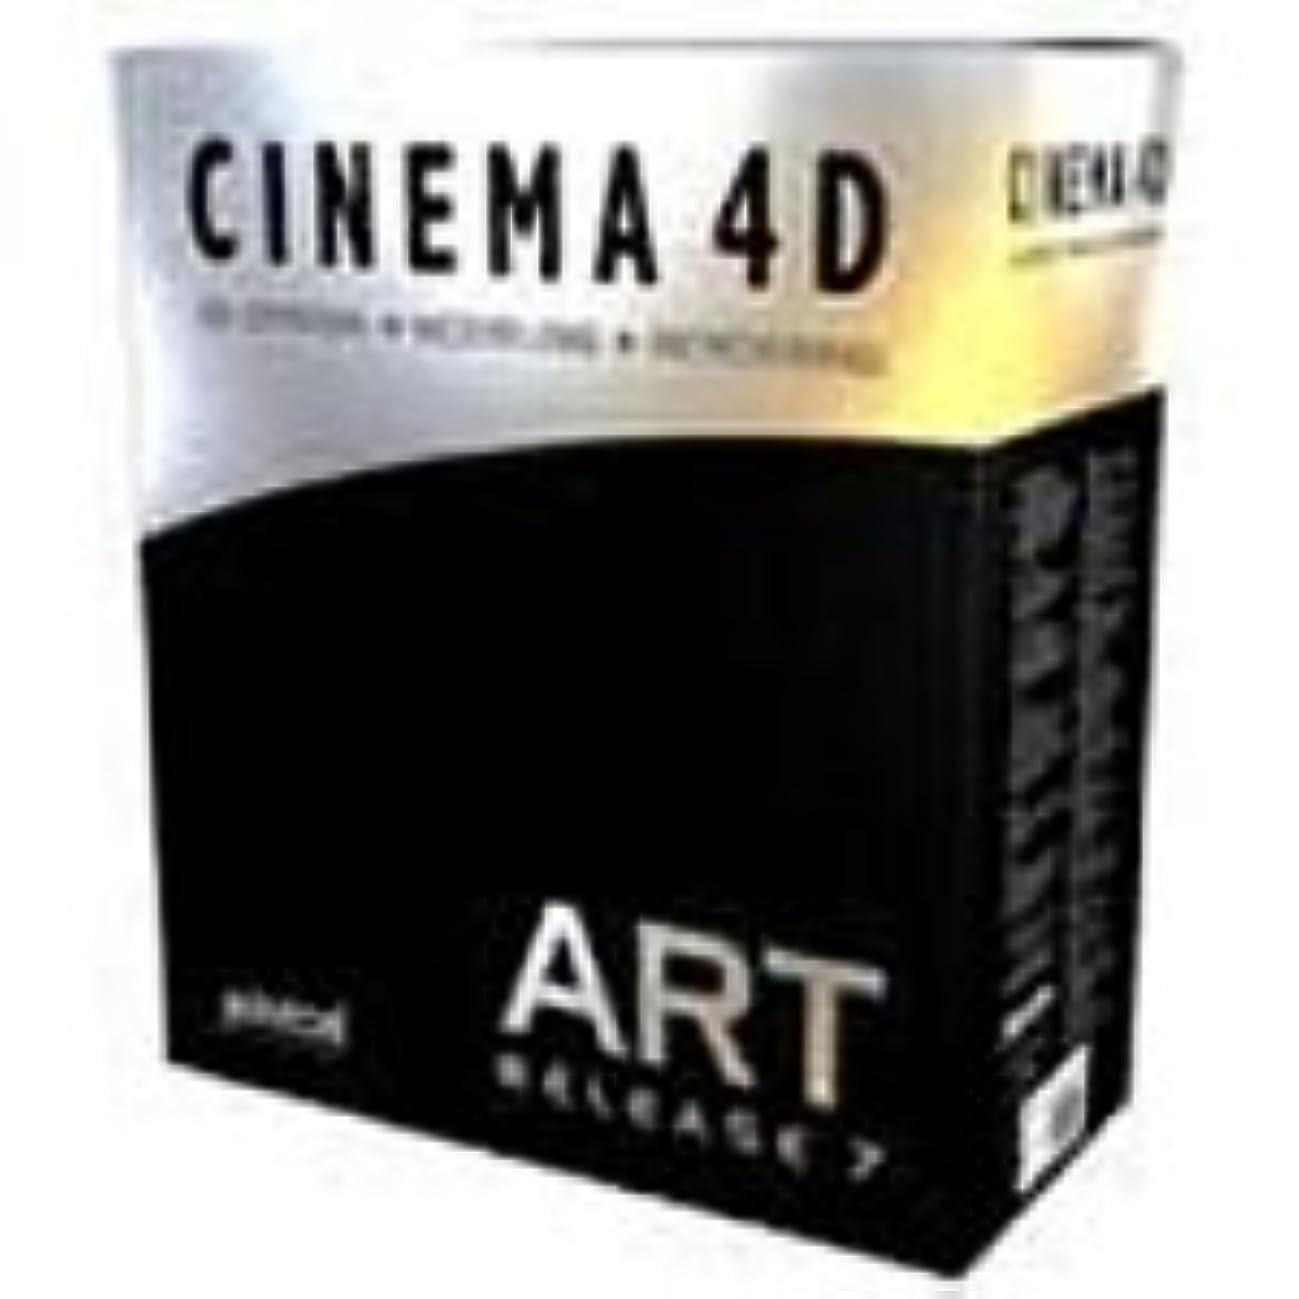 エンターテインメントトーク翻訳Cinema 4D ART Release 7 日本語版 Windows版 乗り換え版